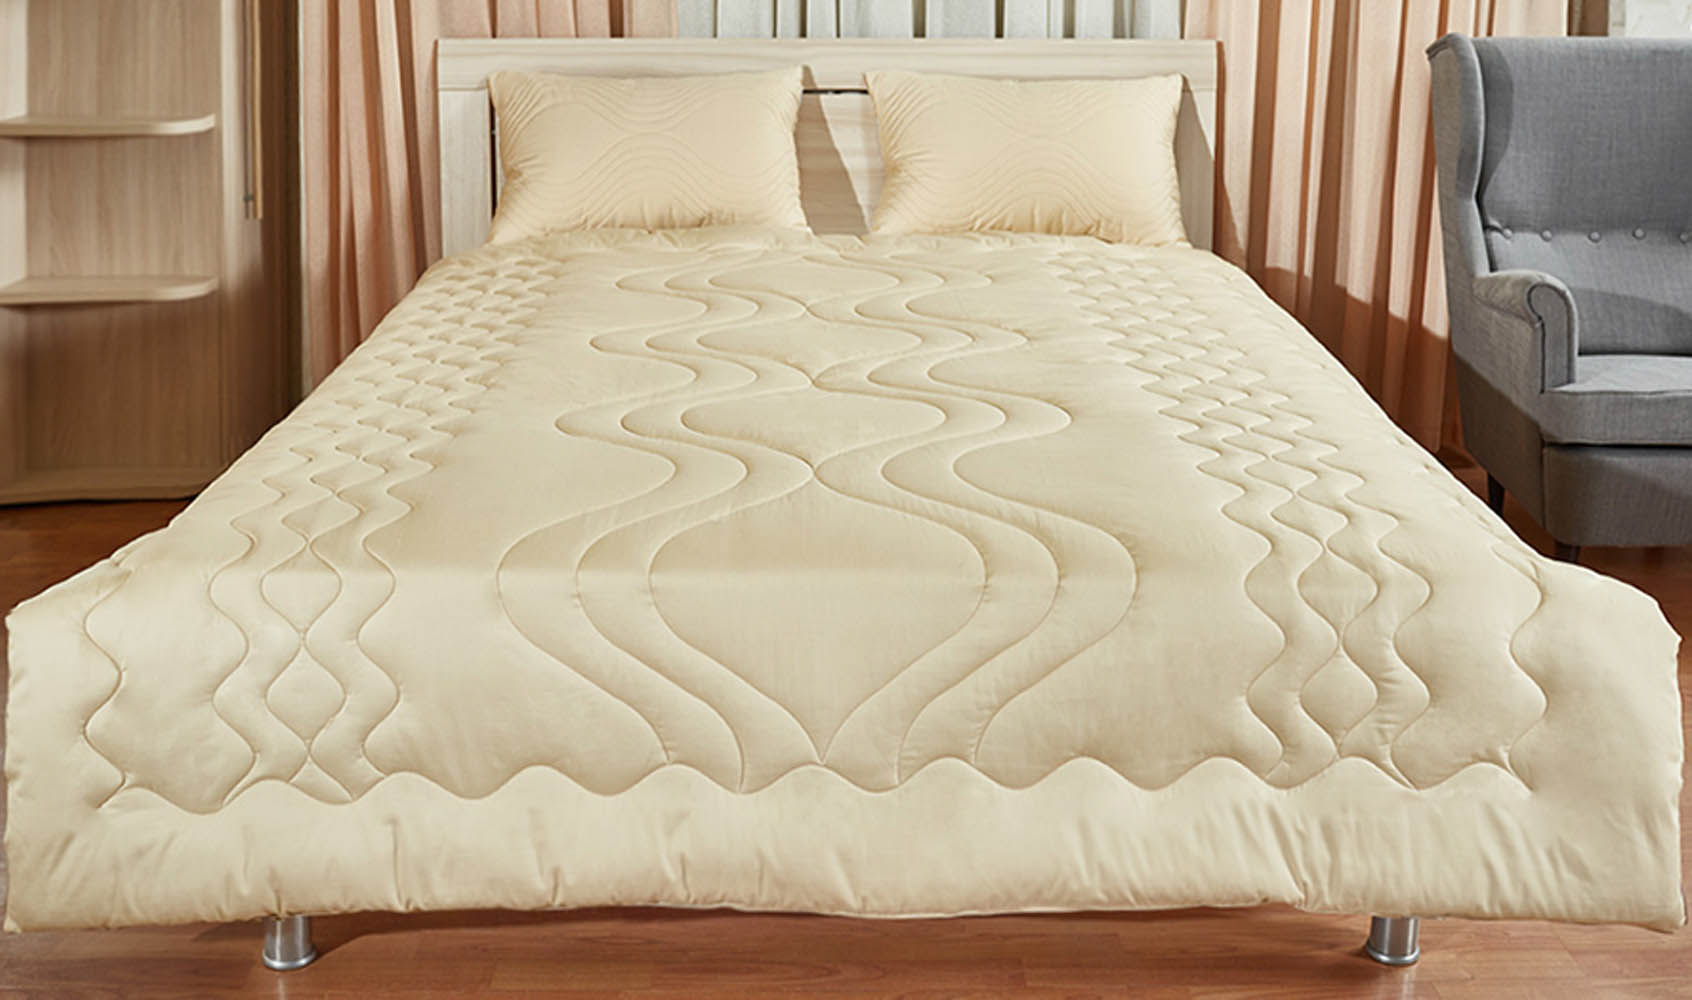 Одеяла Primavelle Одеяло Lamb Цвет: Бежевый (172х205 см) одеяло лэмби цвет бежевый 172 см х 205 см